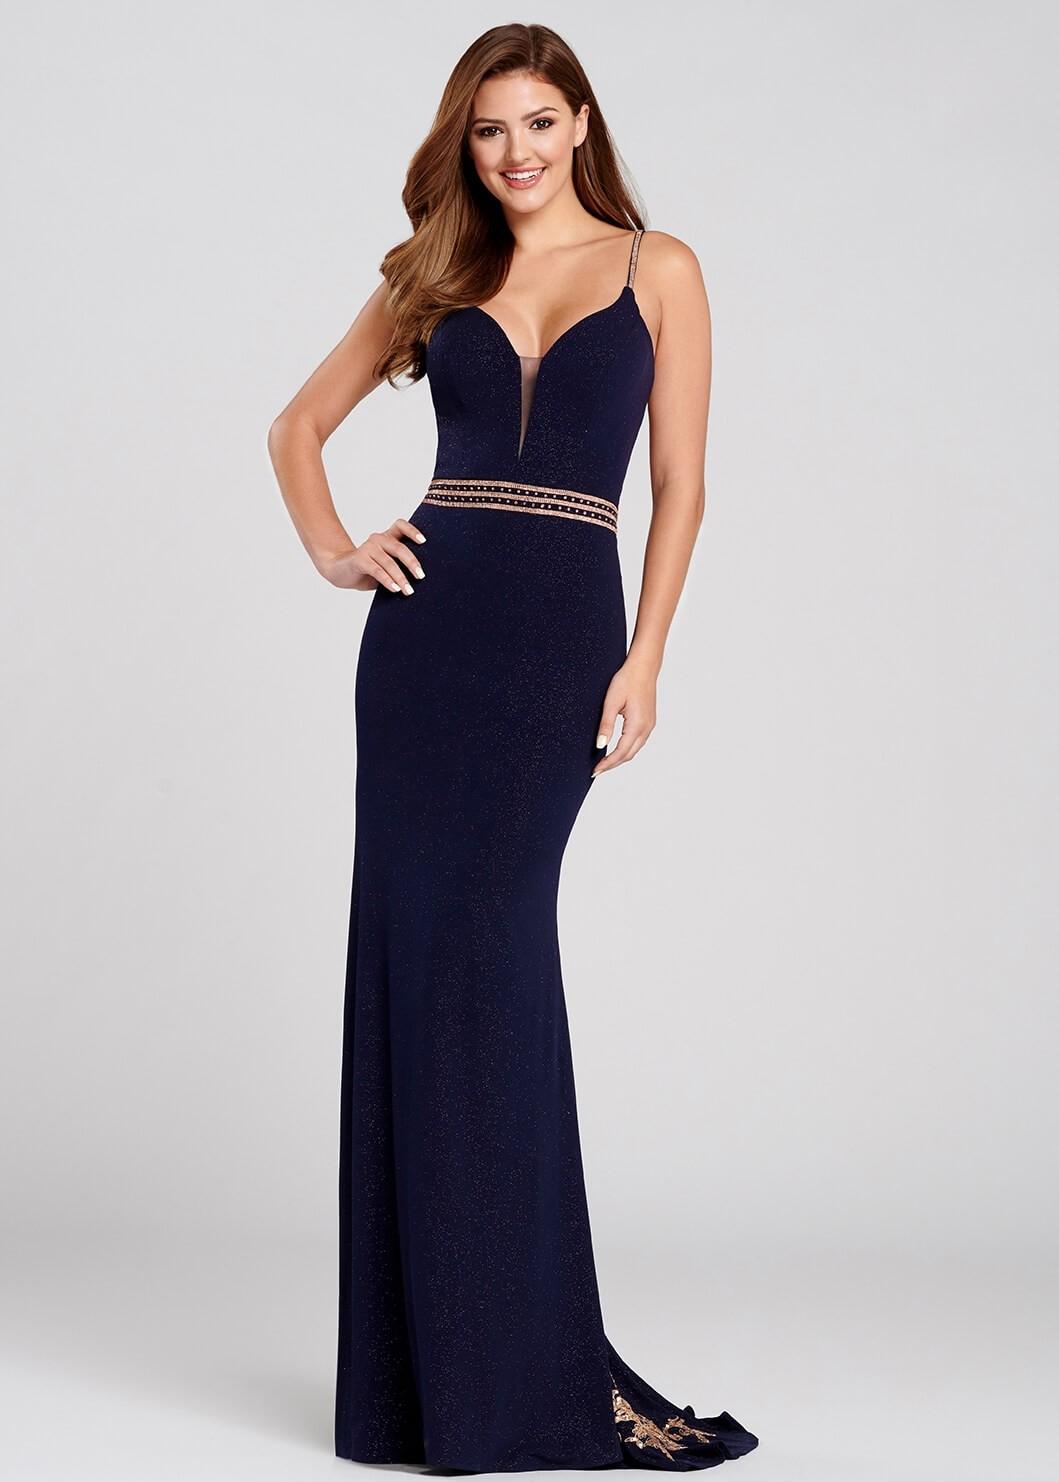 Ellie Wilde EW120103 Navy Gold Shimmer Jersey Gown